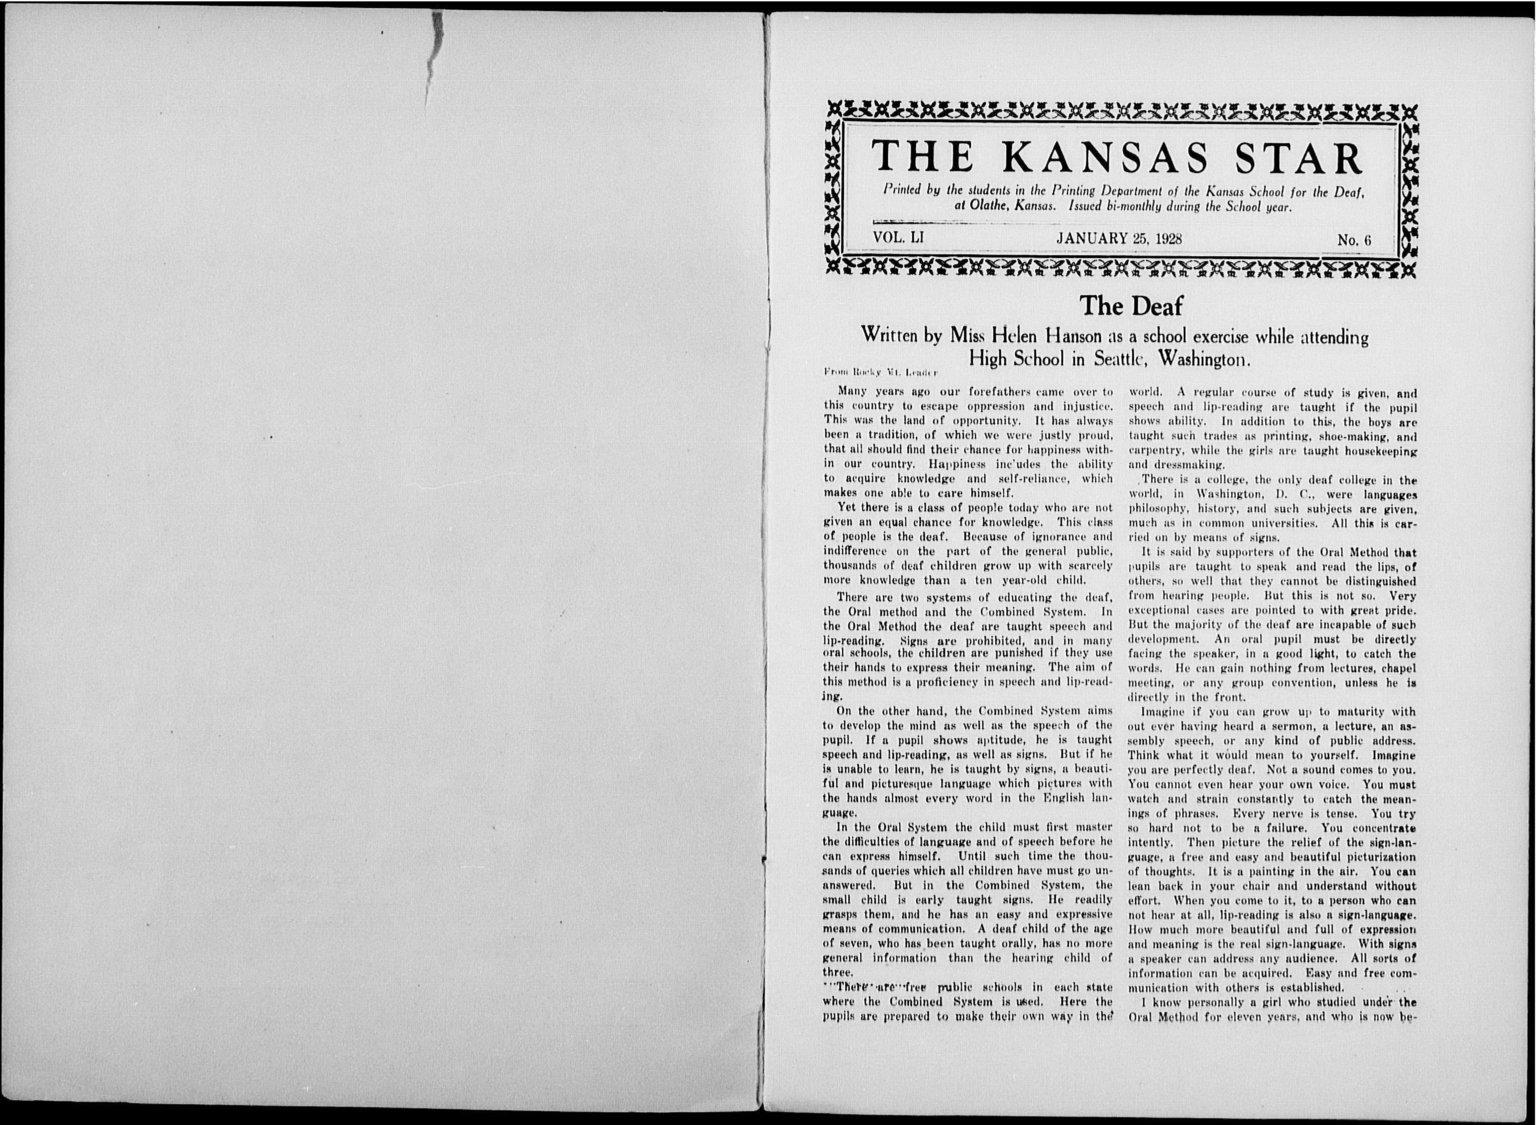 The Kansas Star, volume 51, number 6 - Inside cover -1